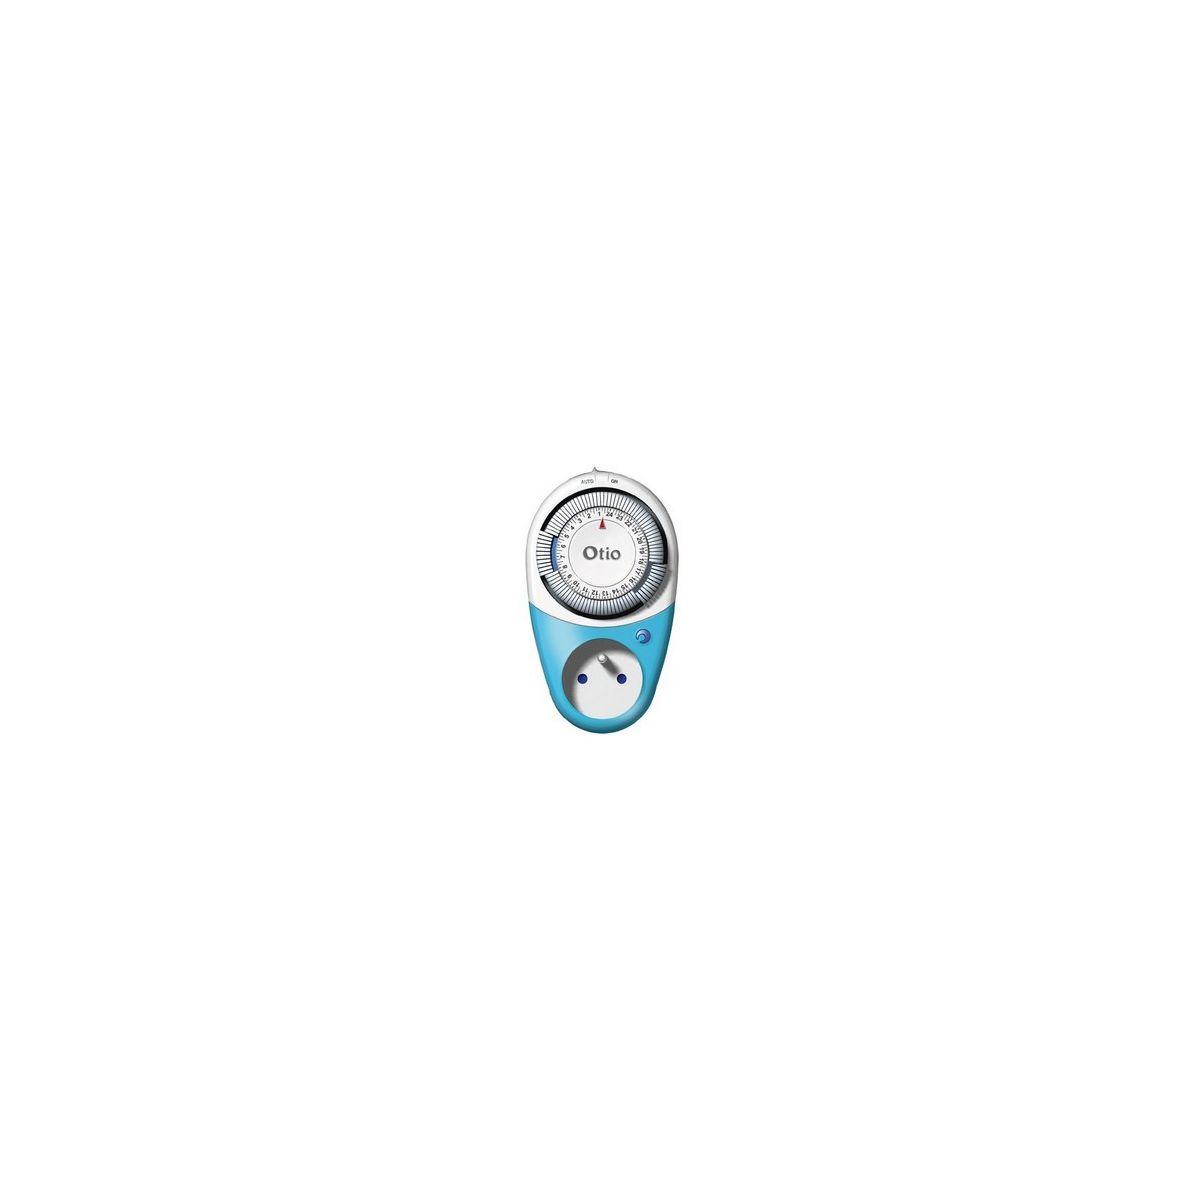 Programmateur otio 710141- turquoise - 7% de remise immédiate avec le code : multi7